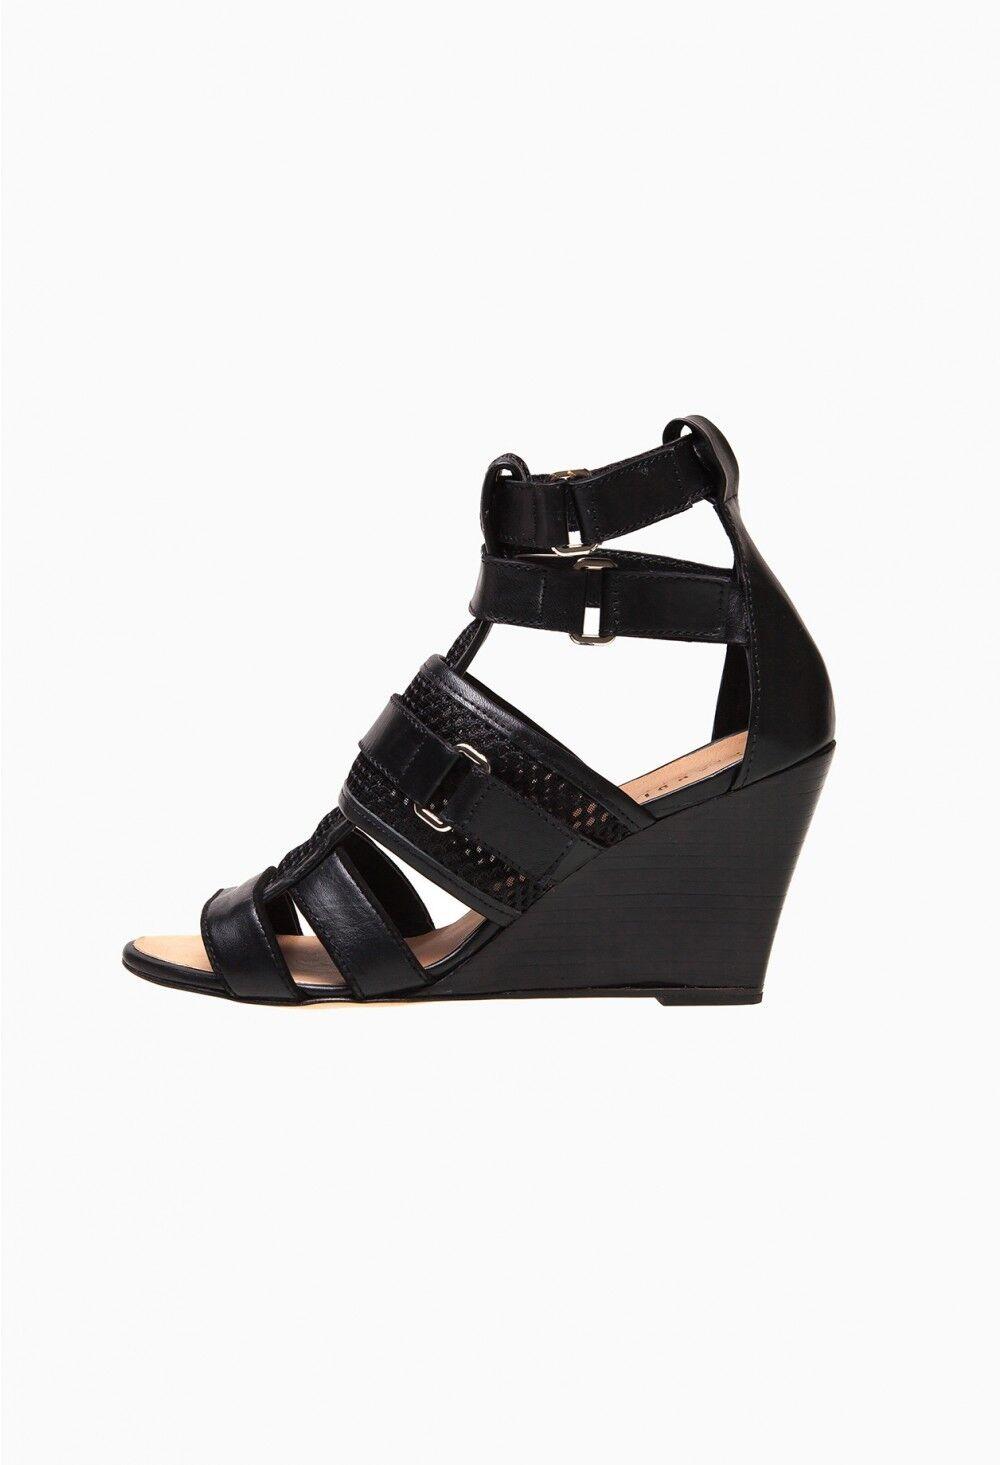 Sandales CLAUDIE PIERLOT PIERLOT PIERLOT cuir et résille negro  -  T. 38  comprar mejor